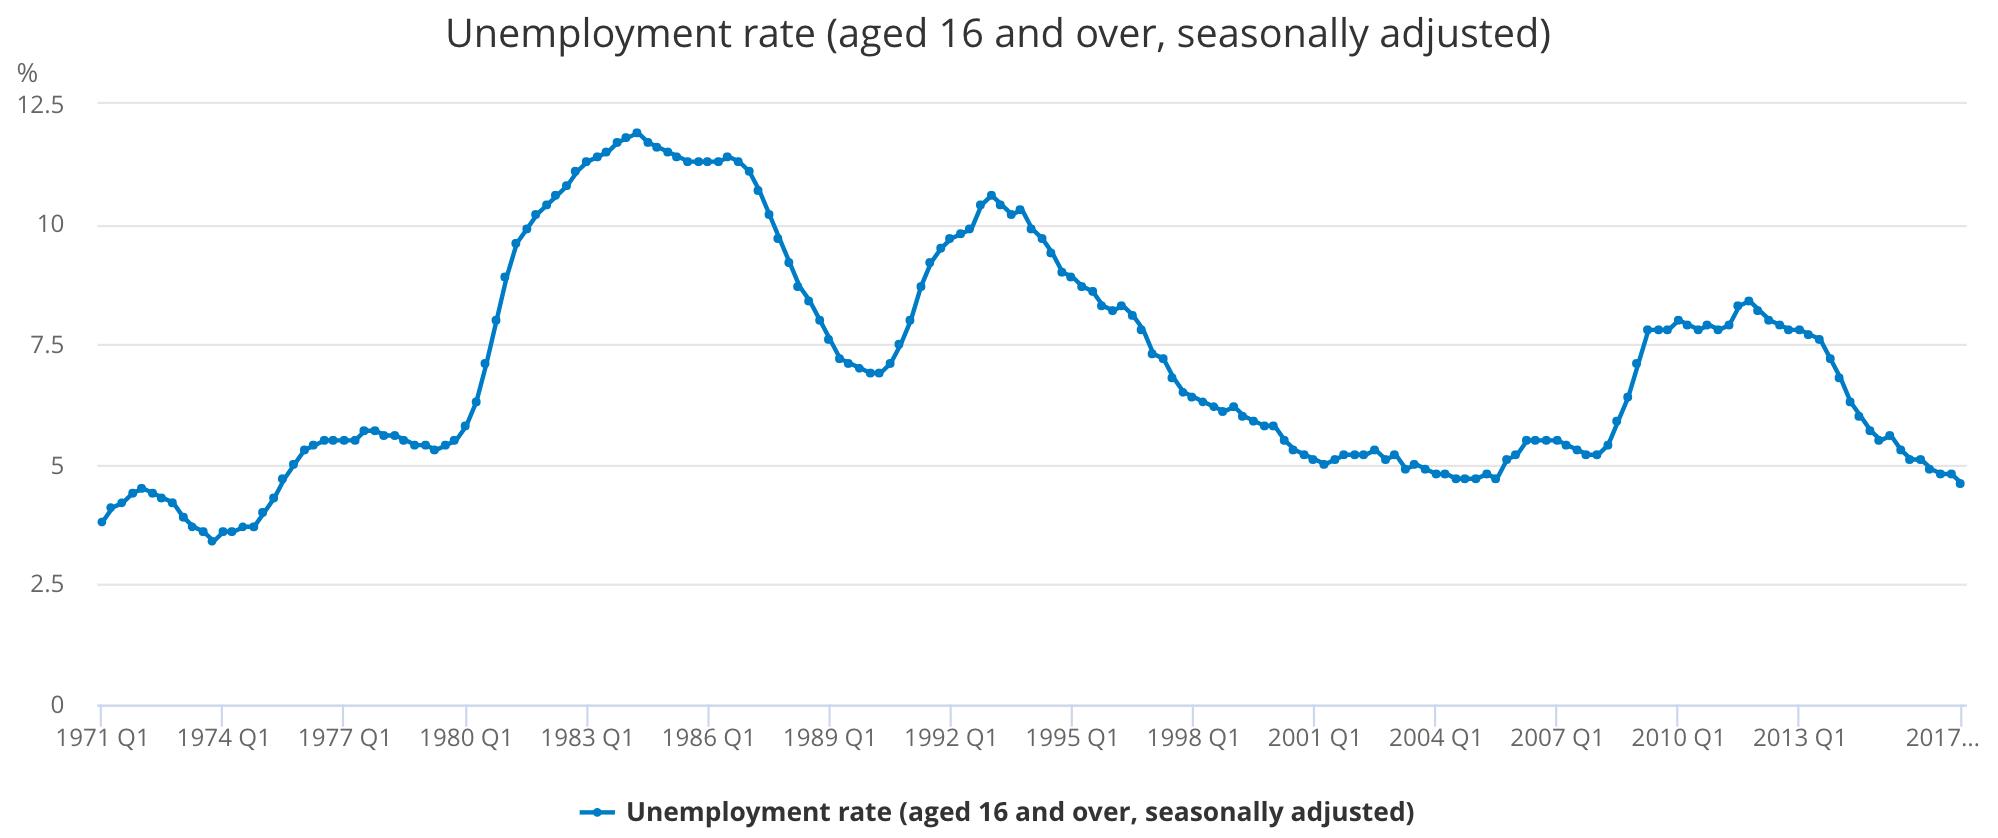 El desempleo en UK es tan bajo que se corre el riesgo de